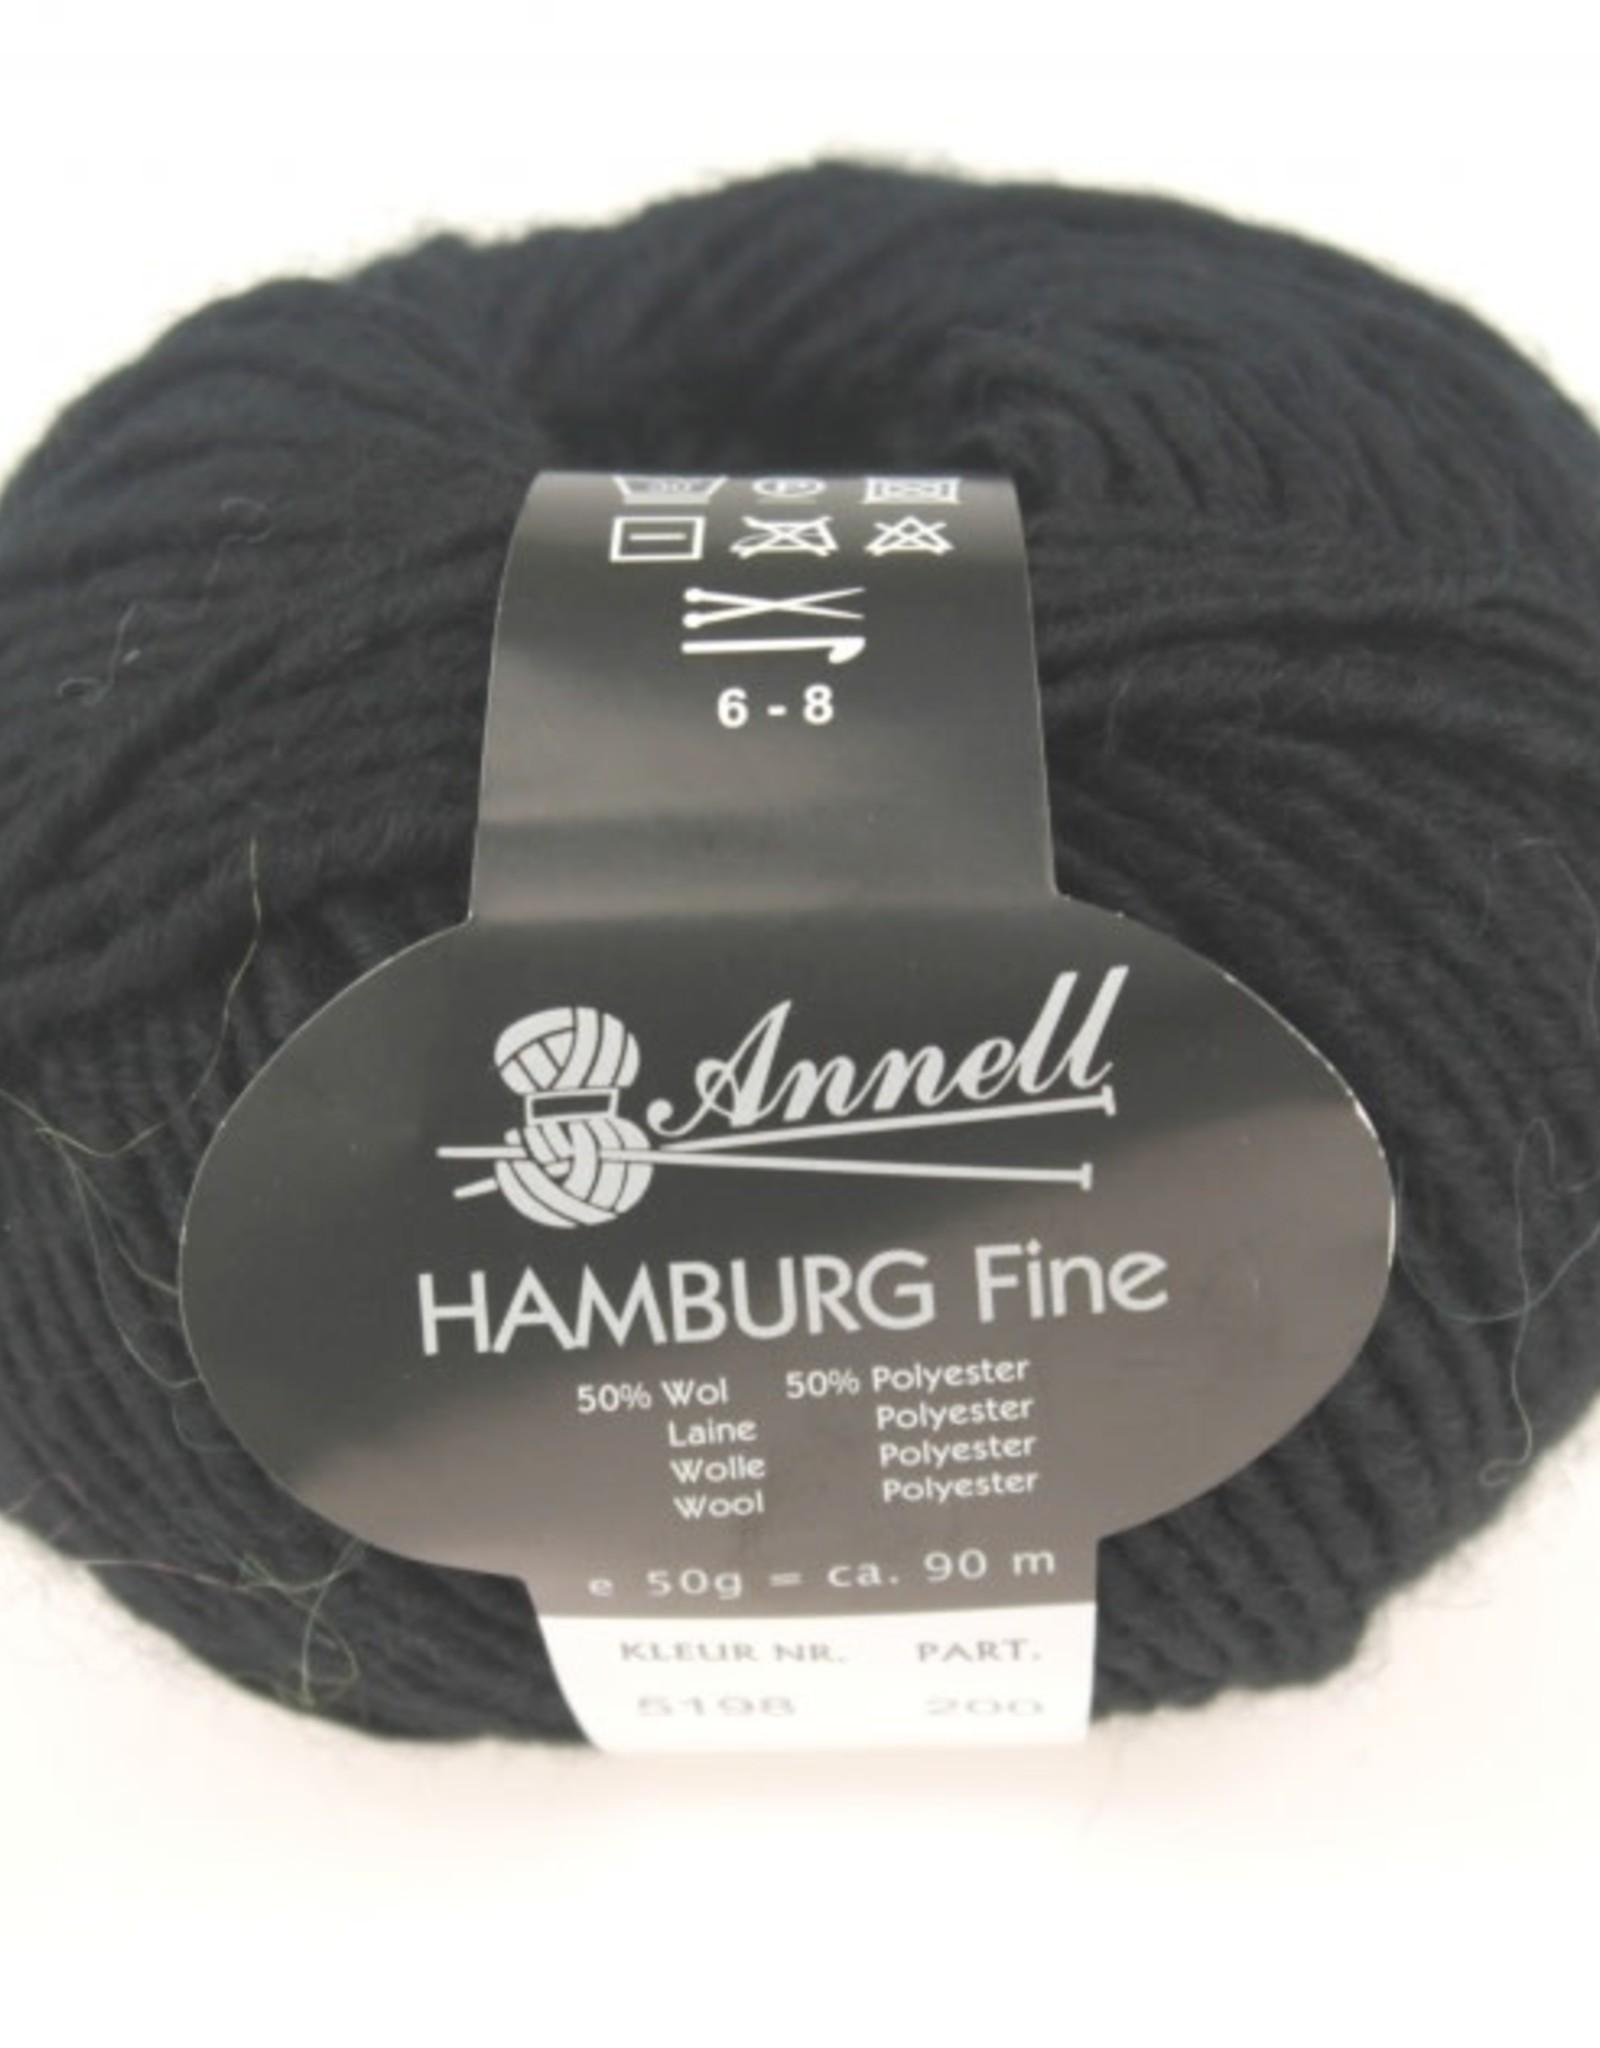 Annell Annell Hamburg Fine 5198